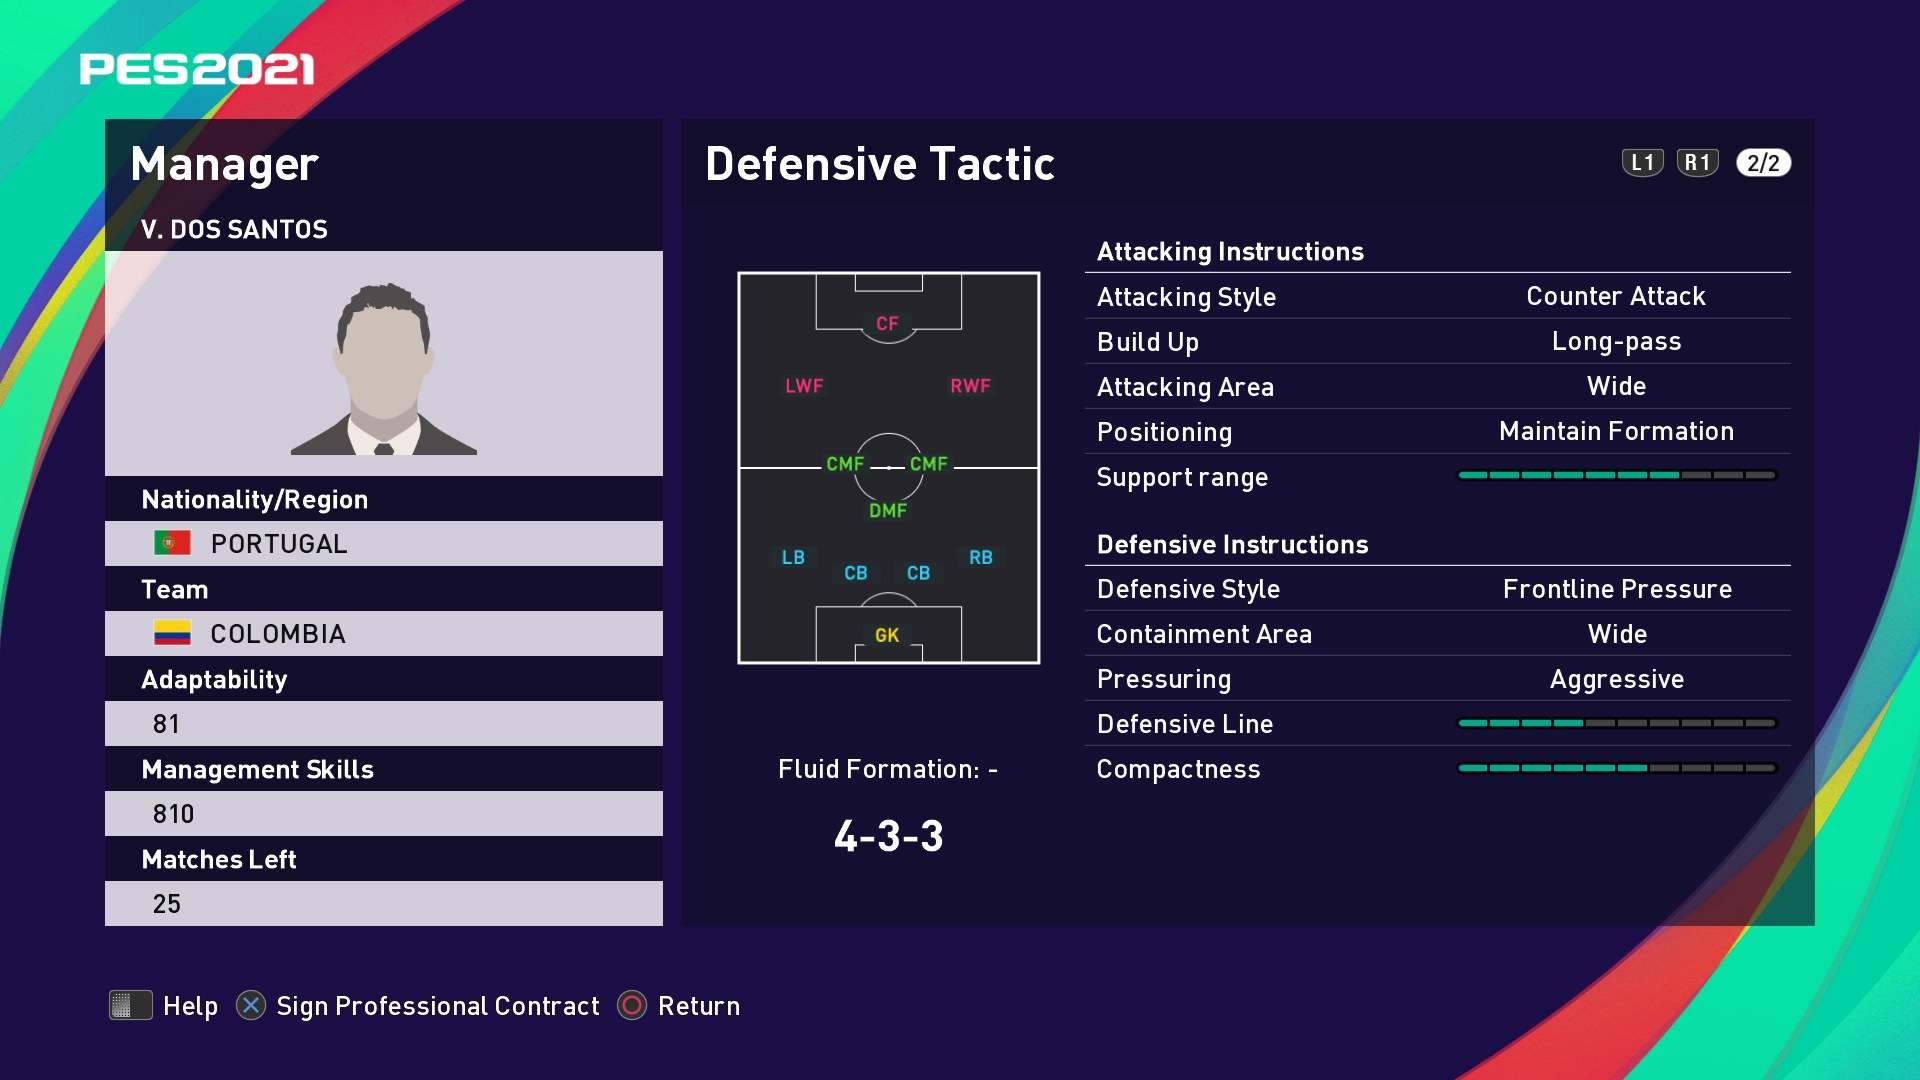 V. Dos Santos (Carlos Queiroz) Defensive Tactic in PES 2021 myClub